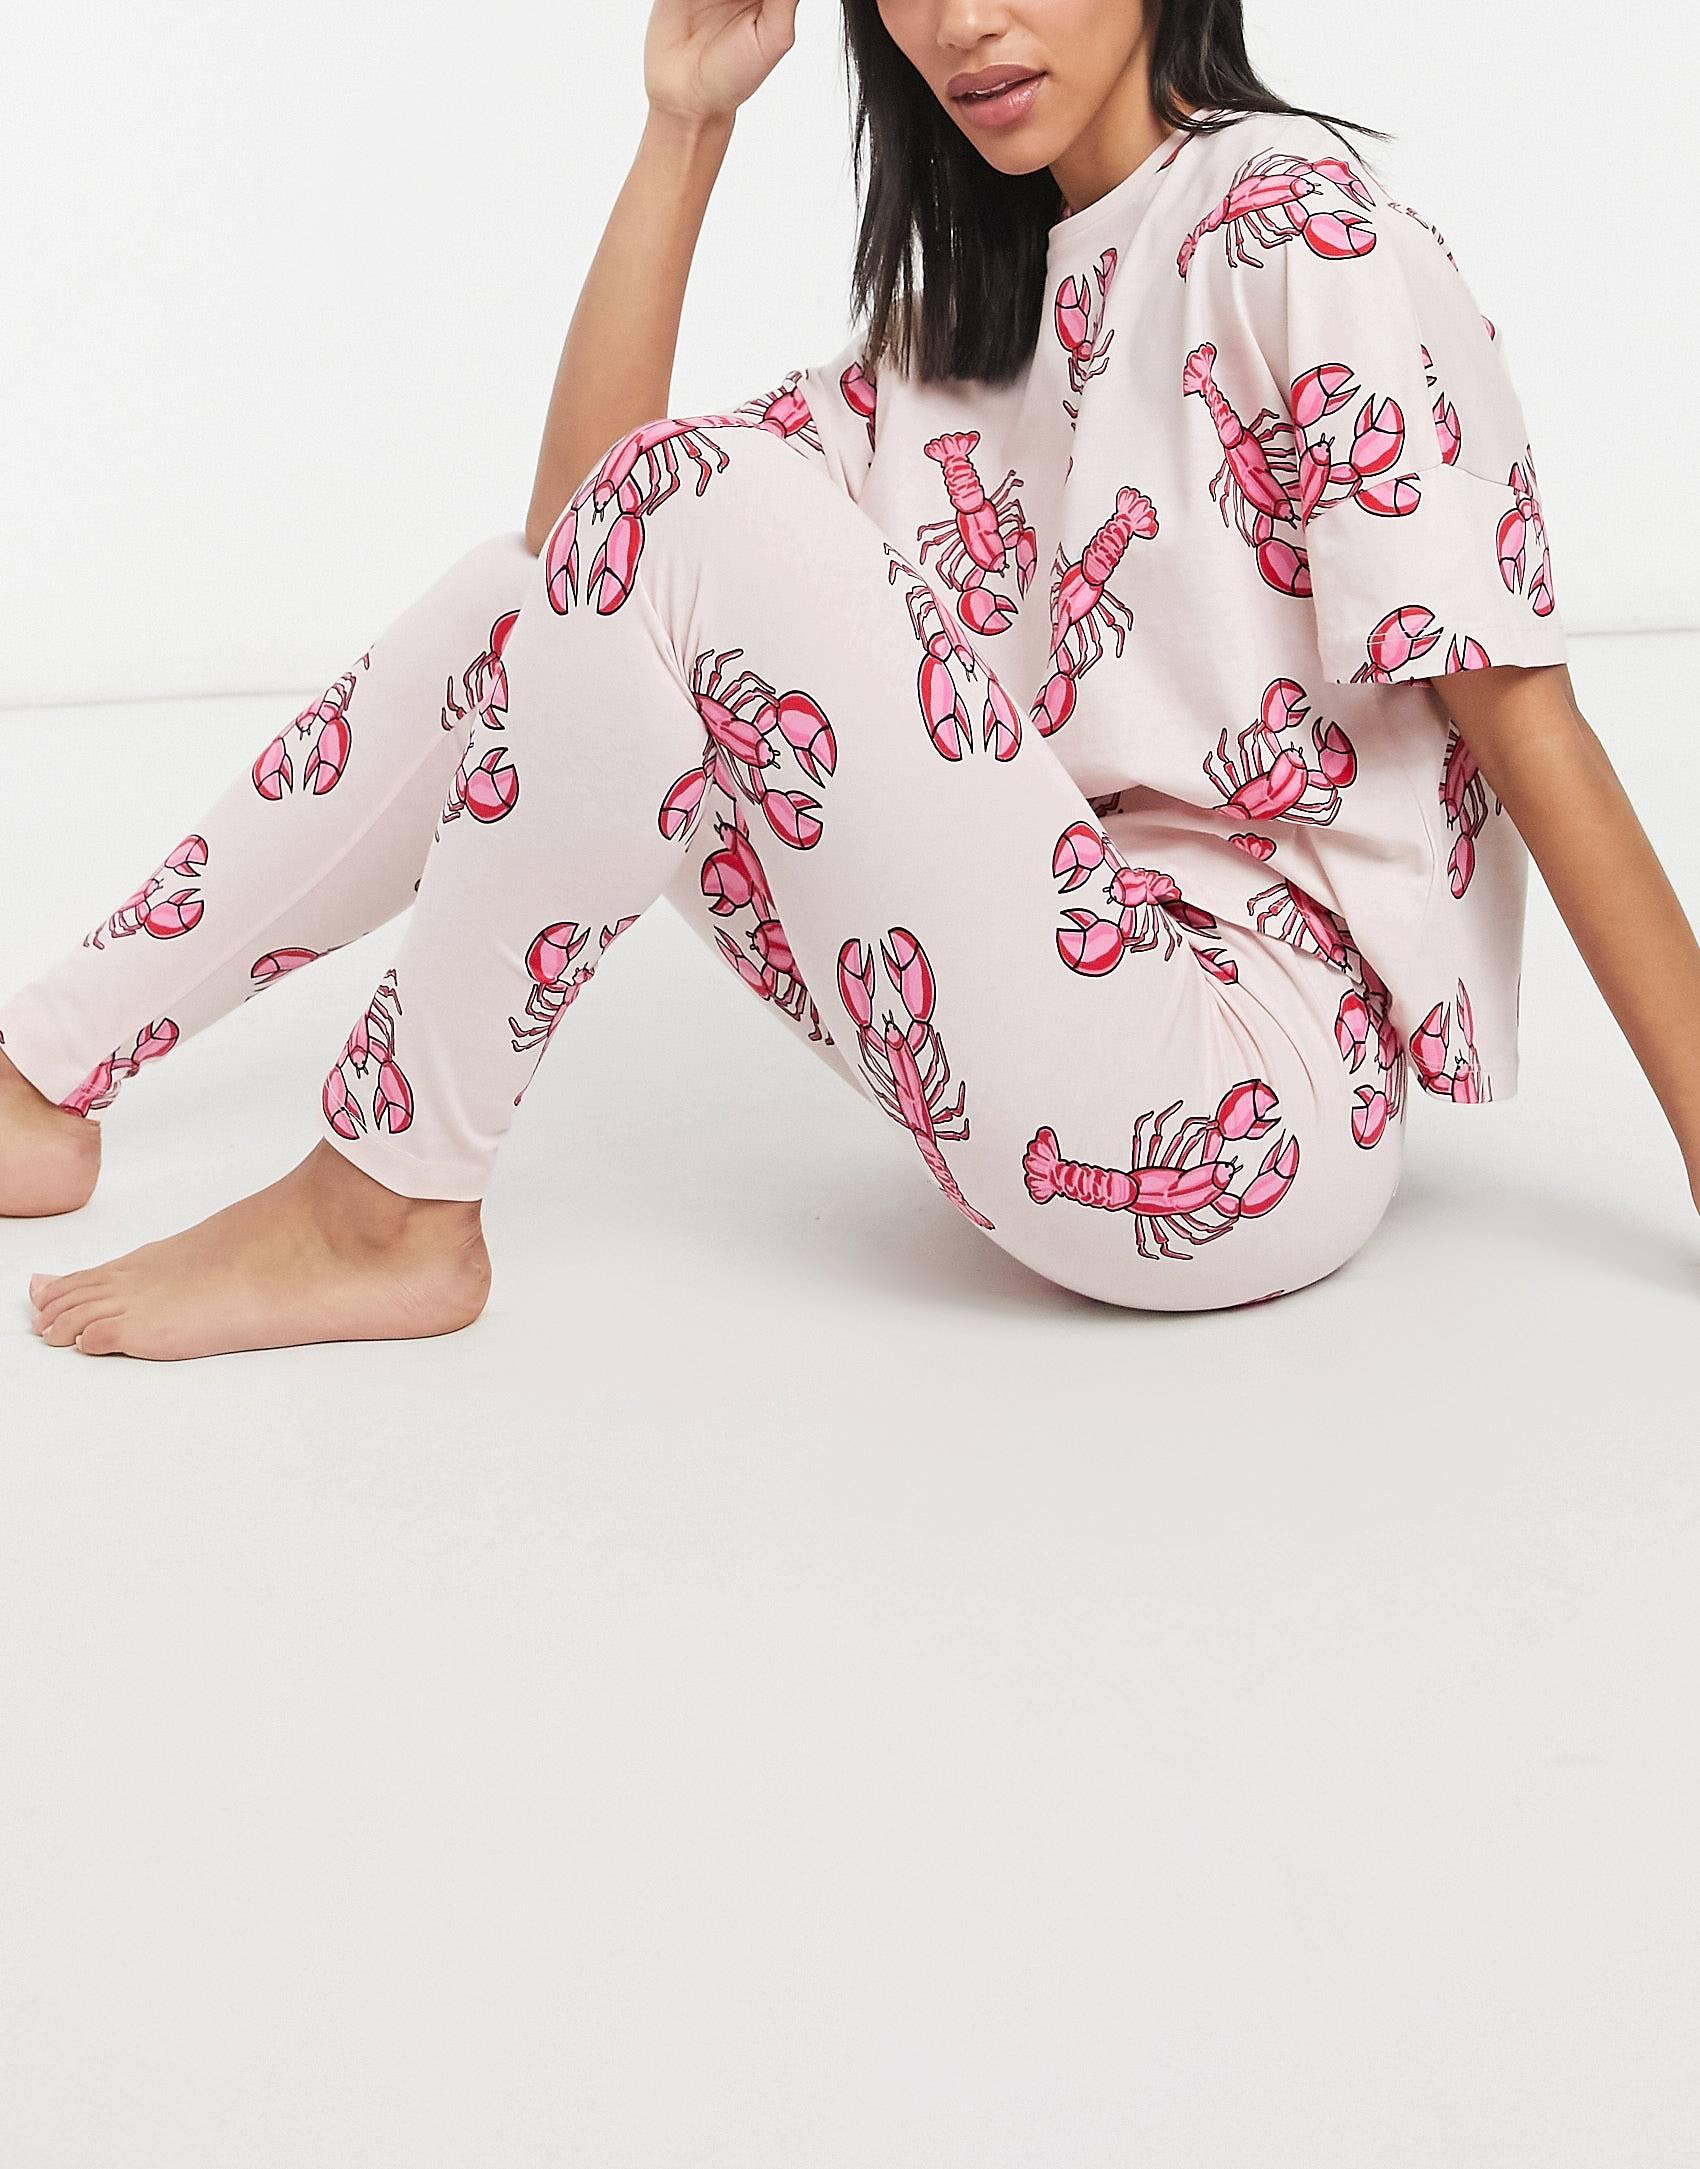 Pijama rosa y rojo de camiseta y leggings con estampado de langostas.